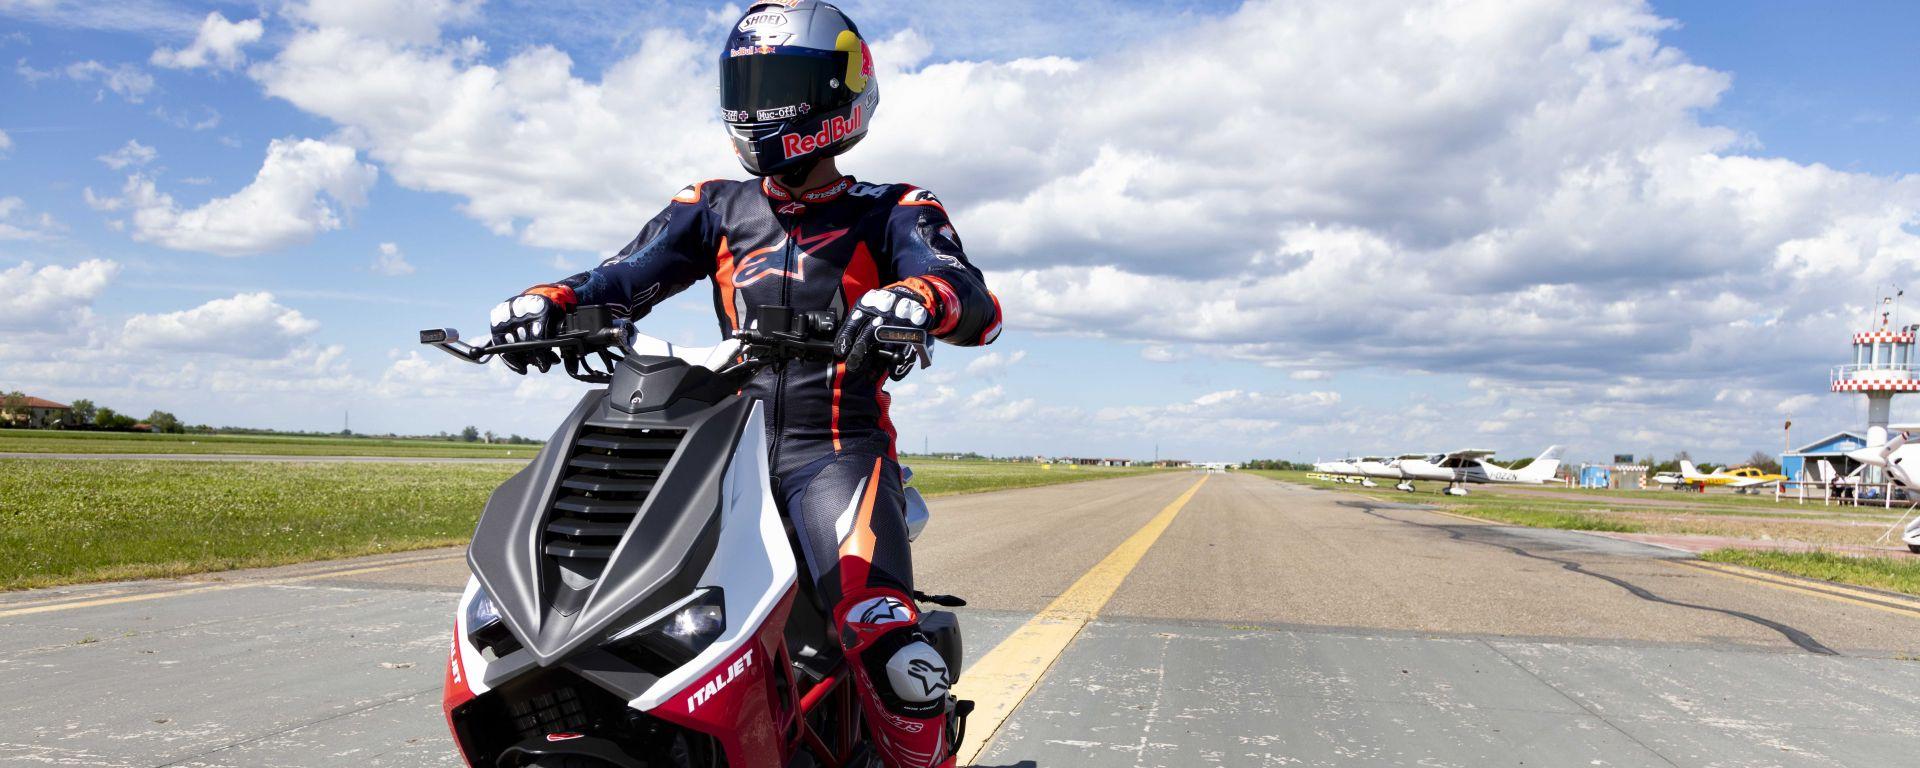 Italjet Dragster: Andrea Dovizioso collauda il nuovo scooter sportivo in pista